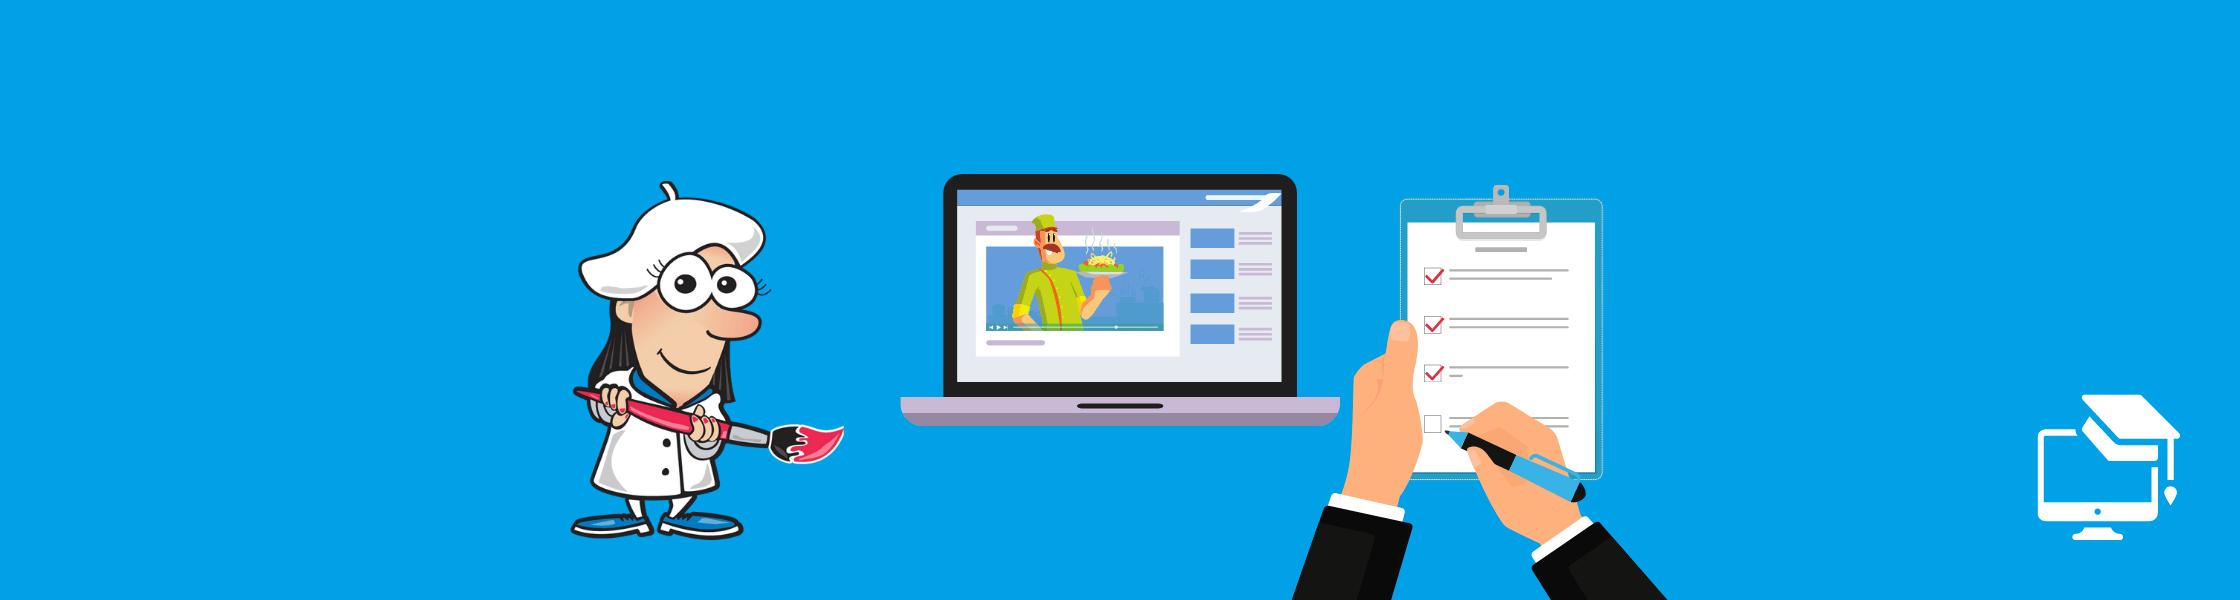 bizstyler site migration seo checklist